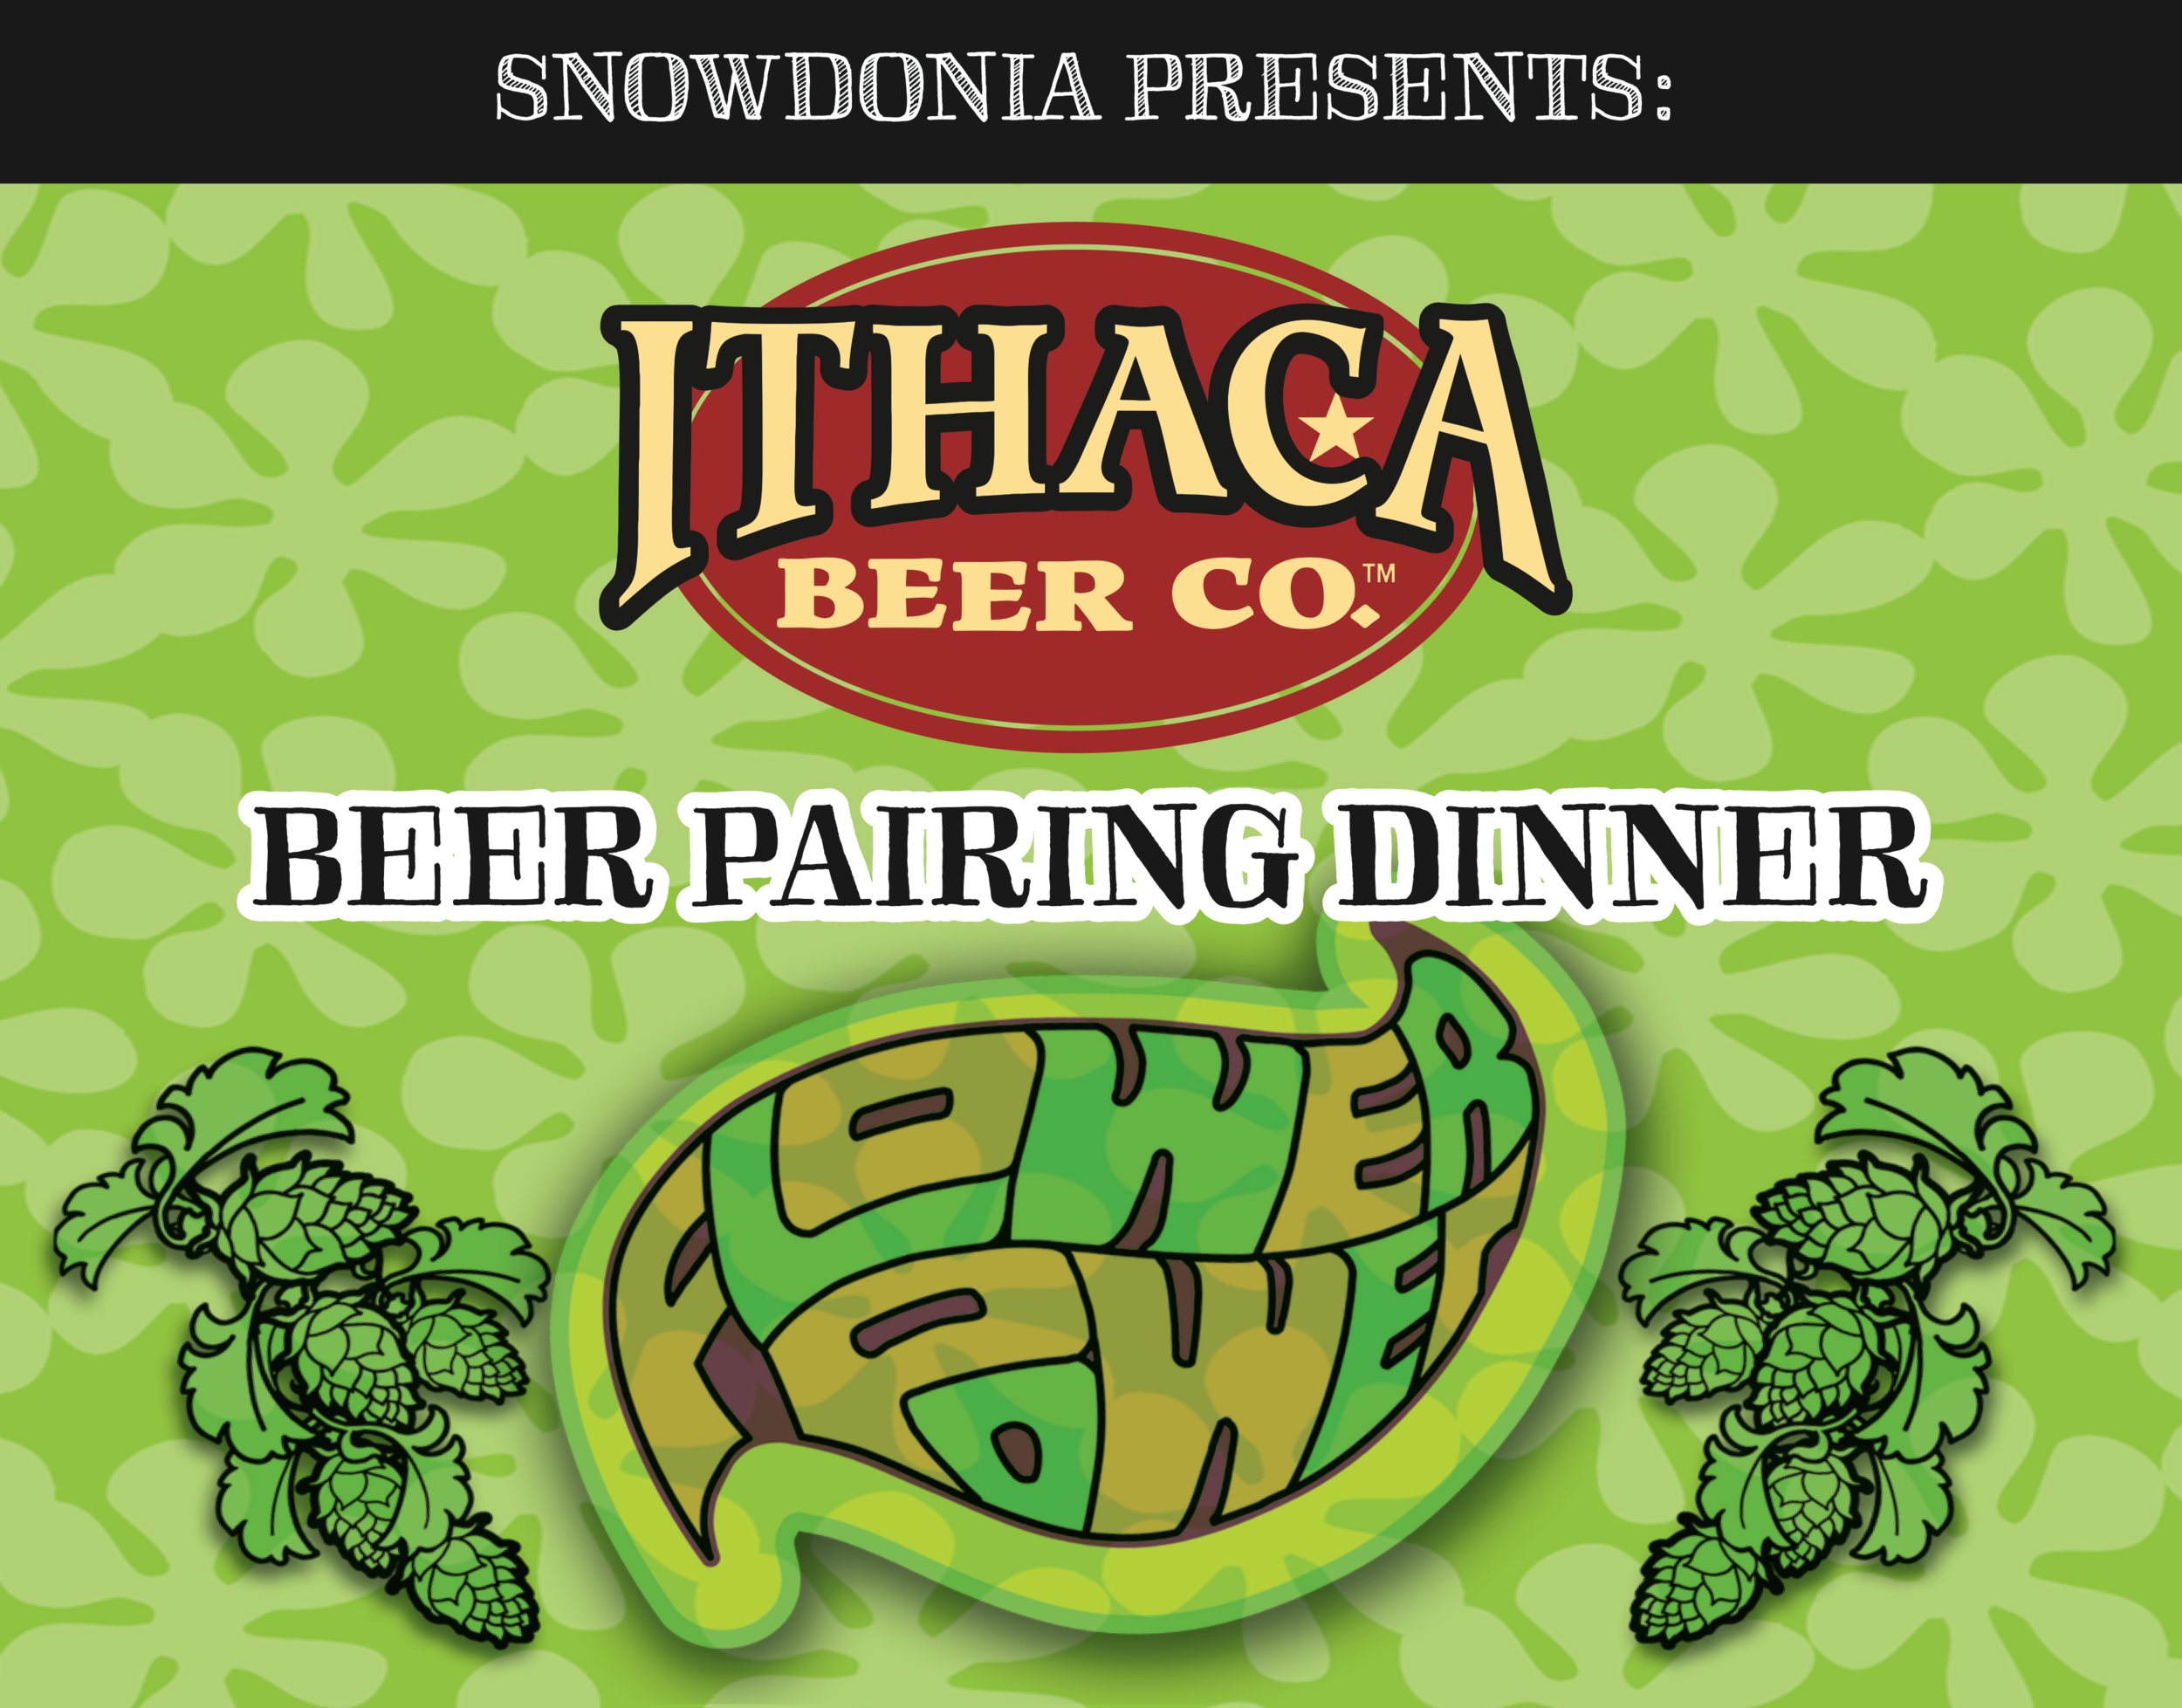 snowdonia-ithaca-beer-dinner.jpg